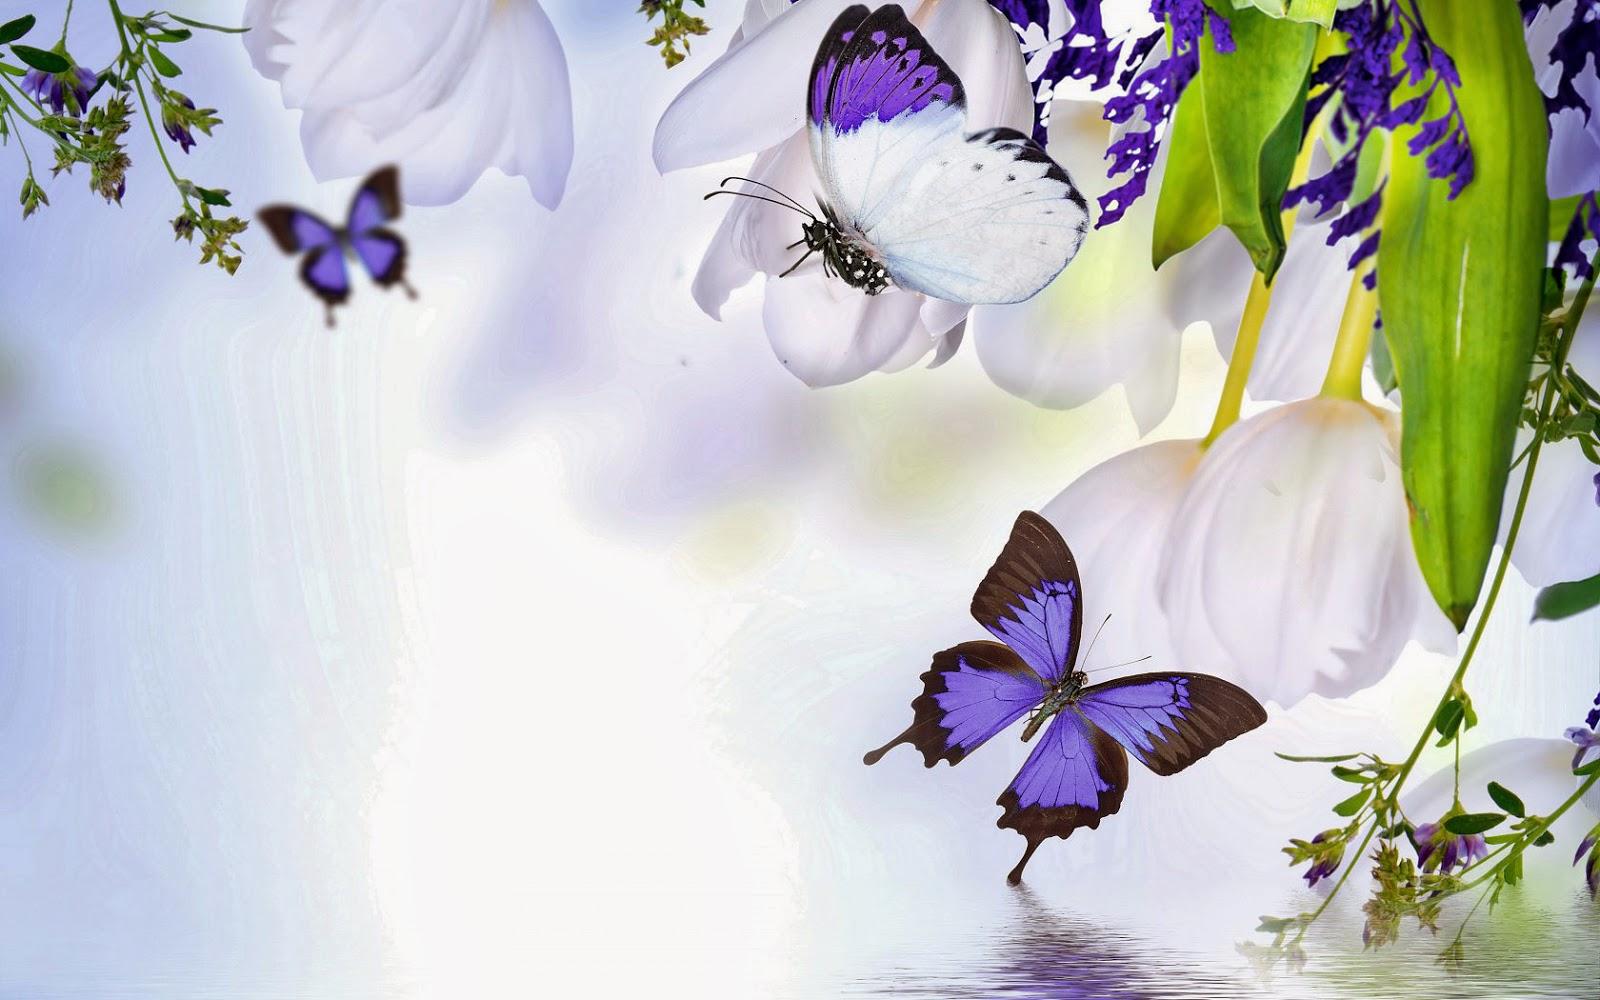 lente achtergronden hd - photo #39